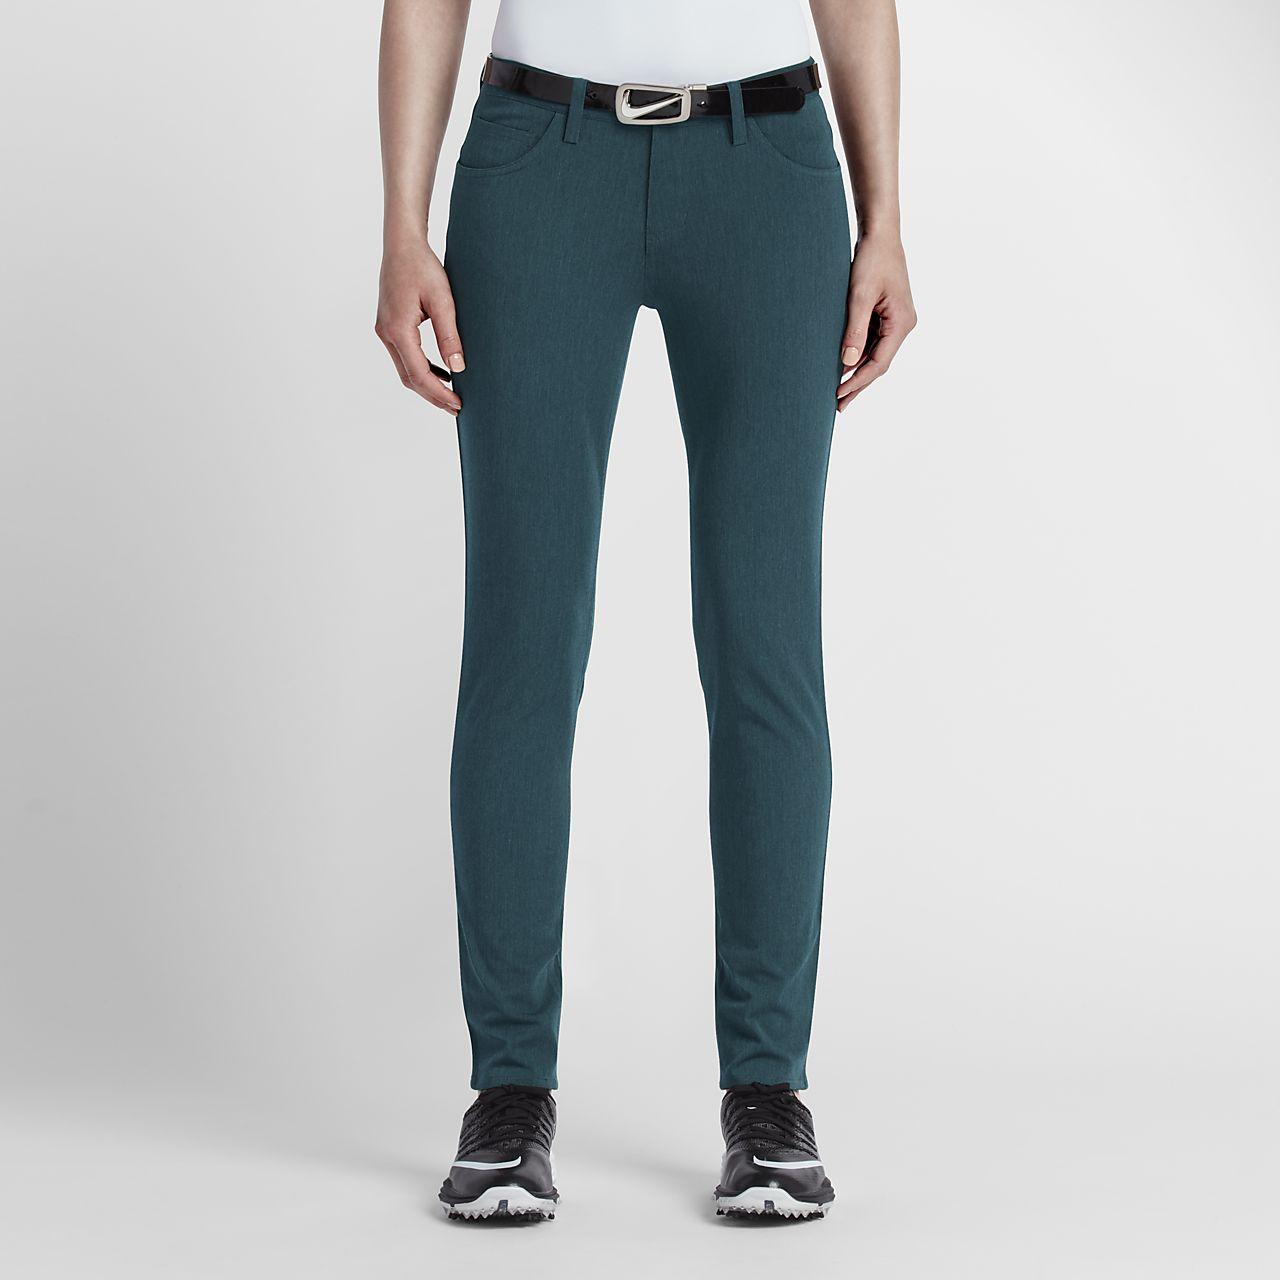 Pantalon golf de golf Pantalon Nike Jean Pant pour CA 196607